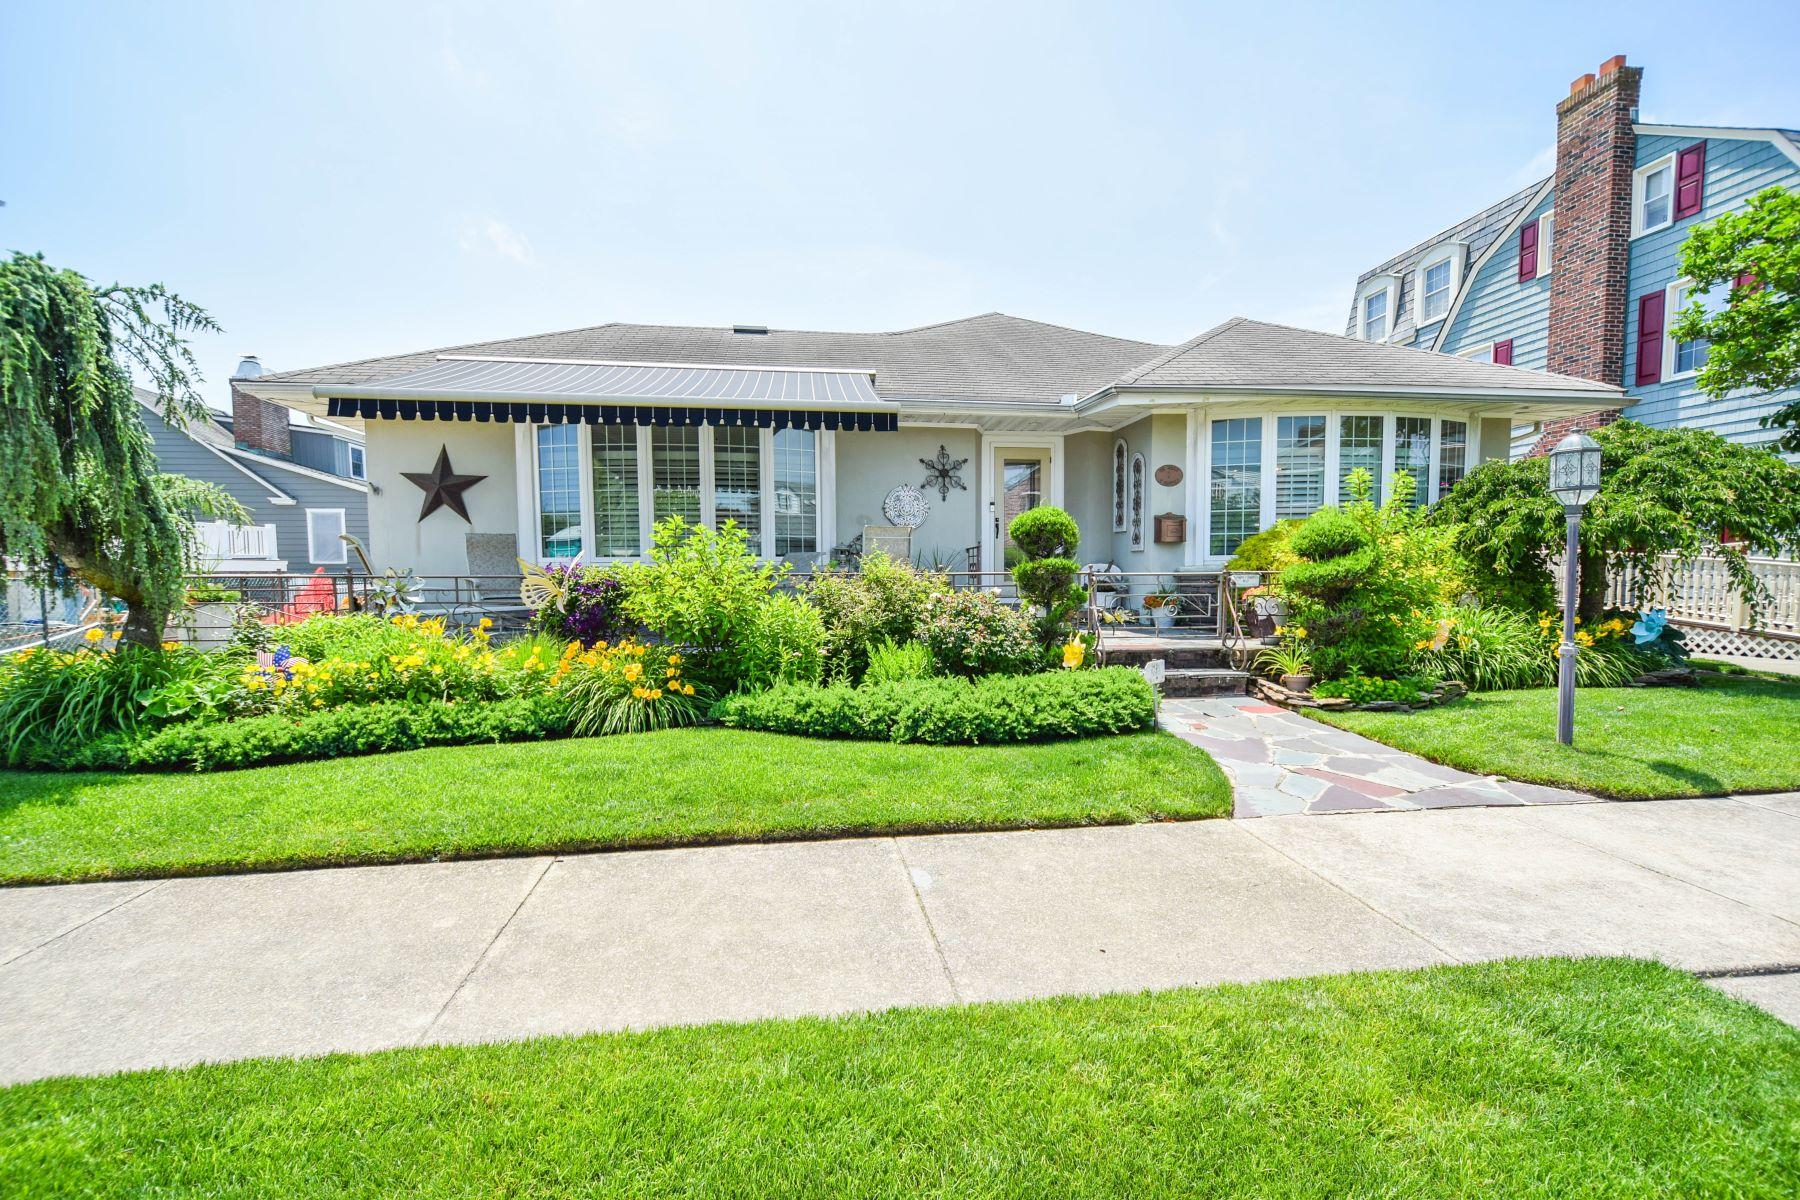 Property для того Продажа на Margate, Нью-Джерси 08402 Соединенные Штаты